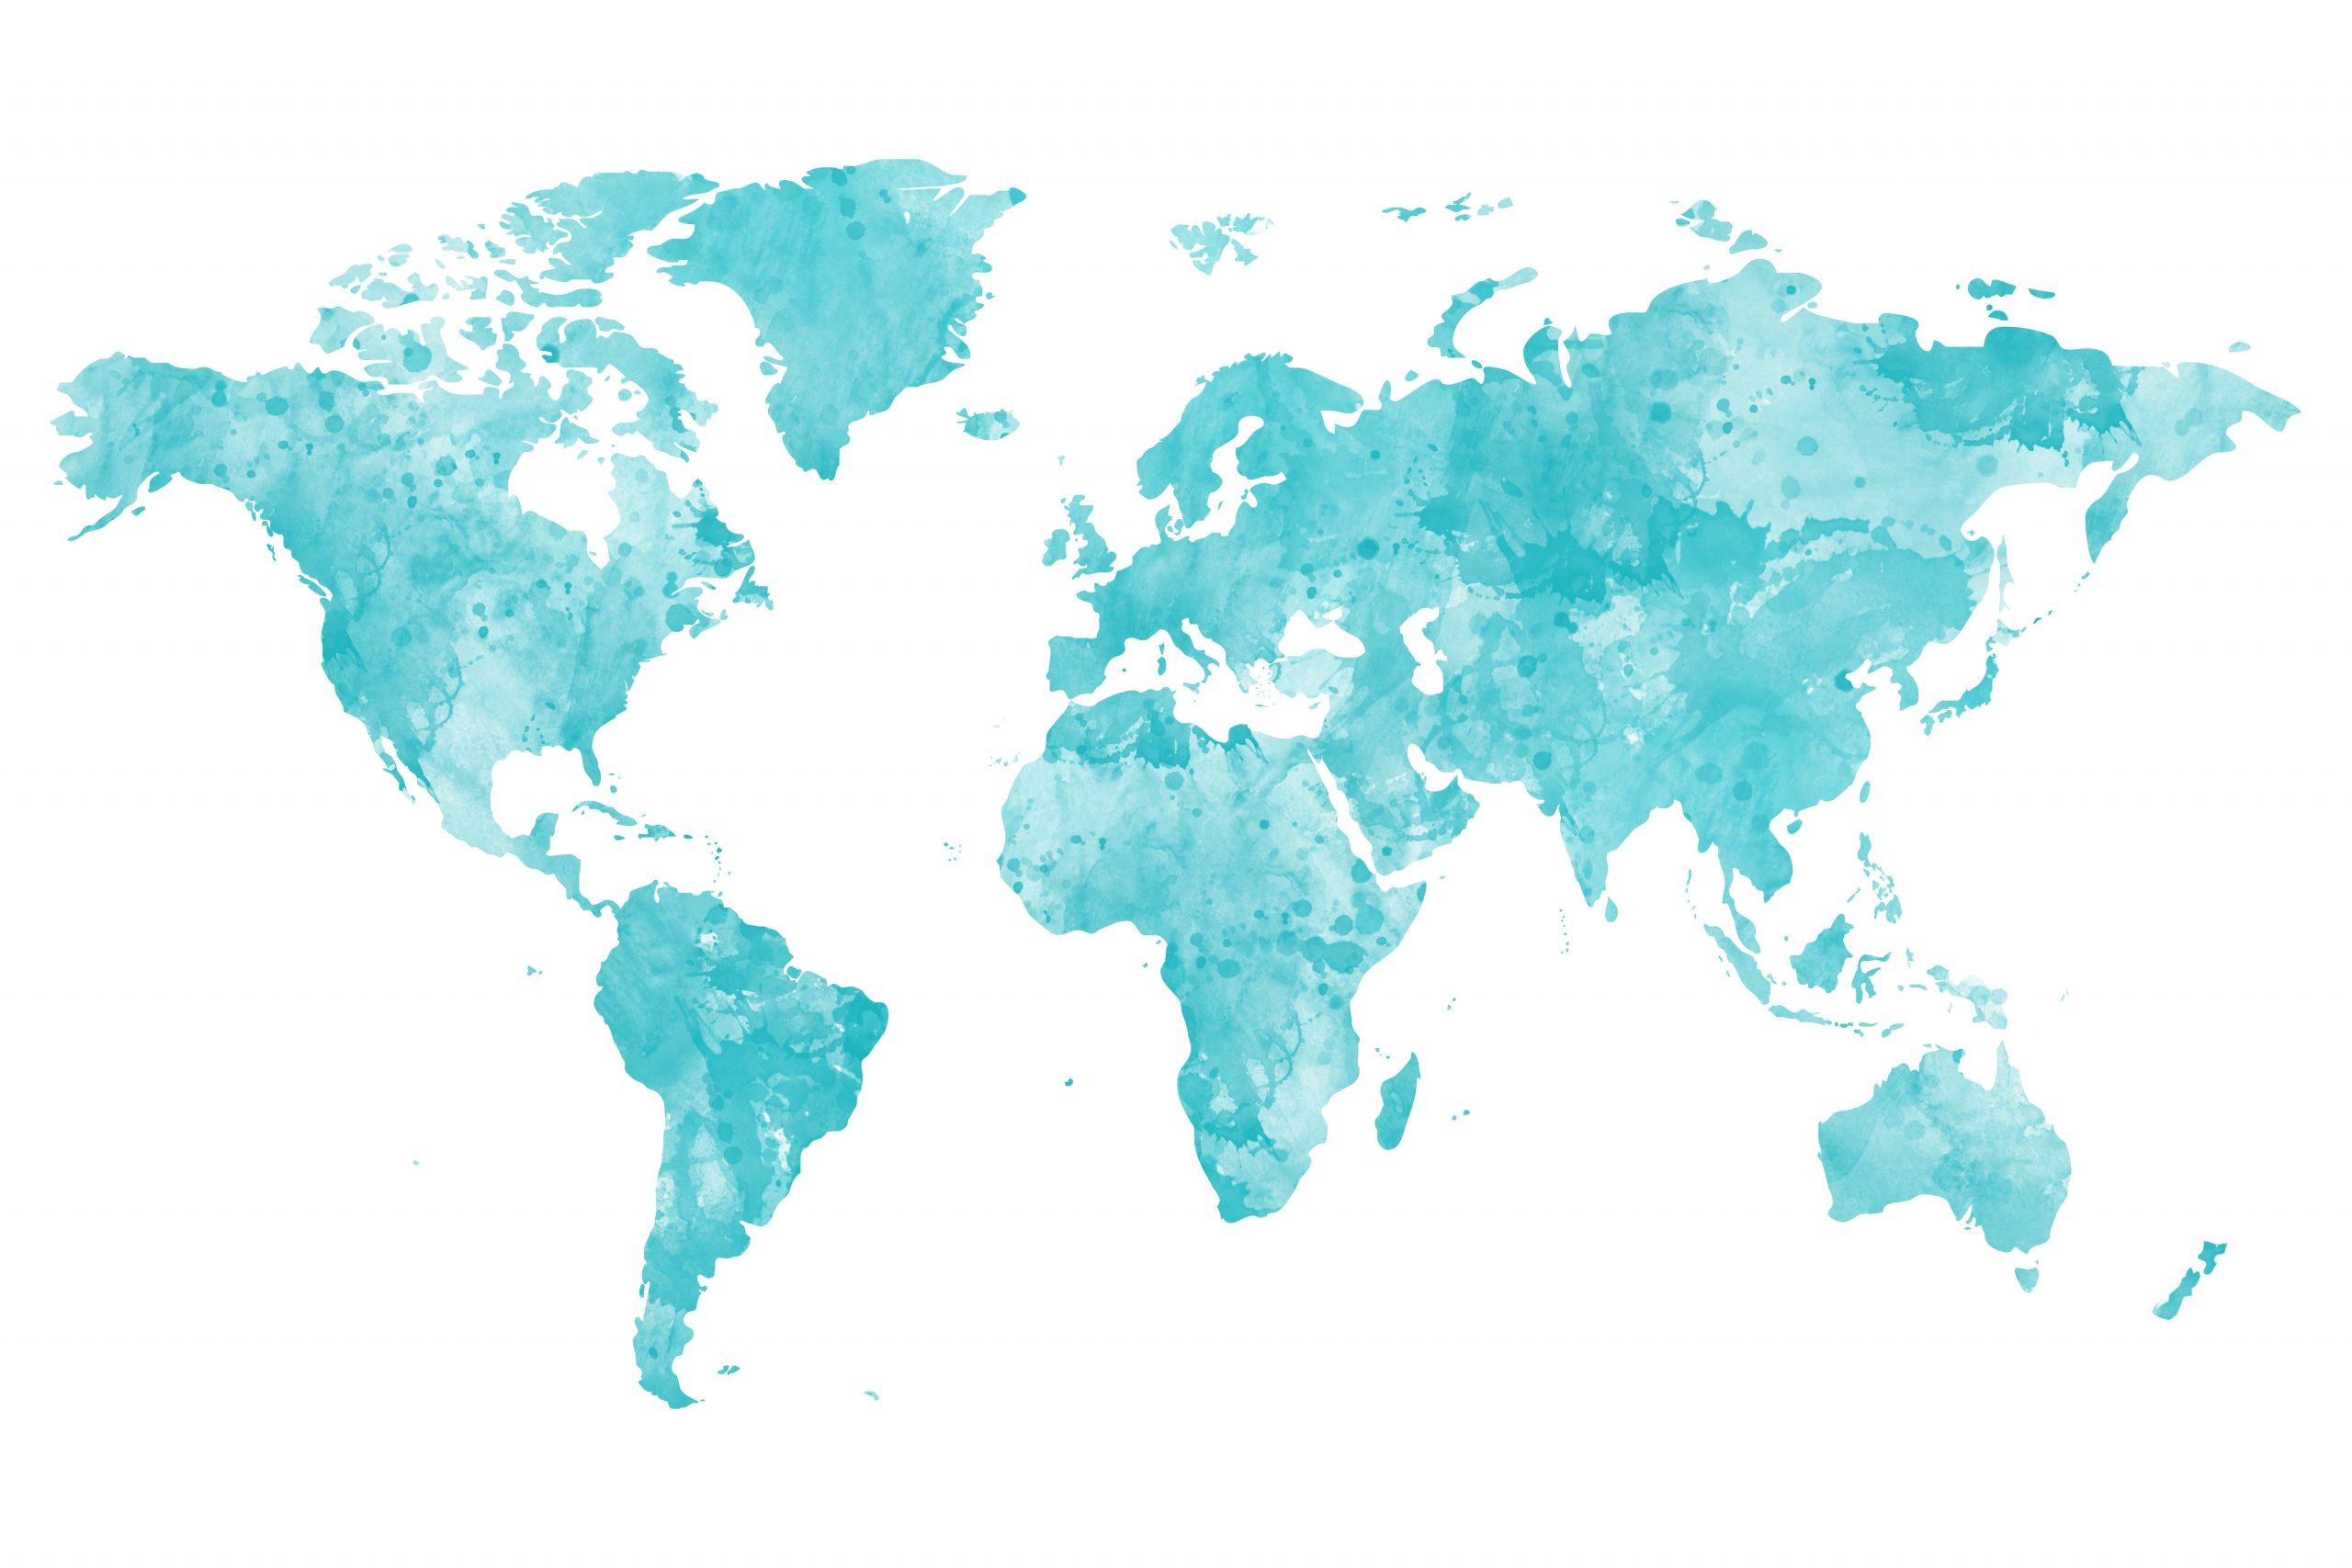 Weltkarte Zum Ausdrucken Oder Für Ihre Wandbild-Gestaltung über Weltkarte Farbig